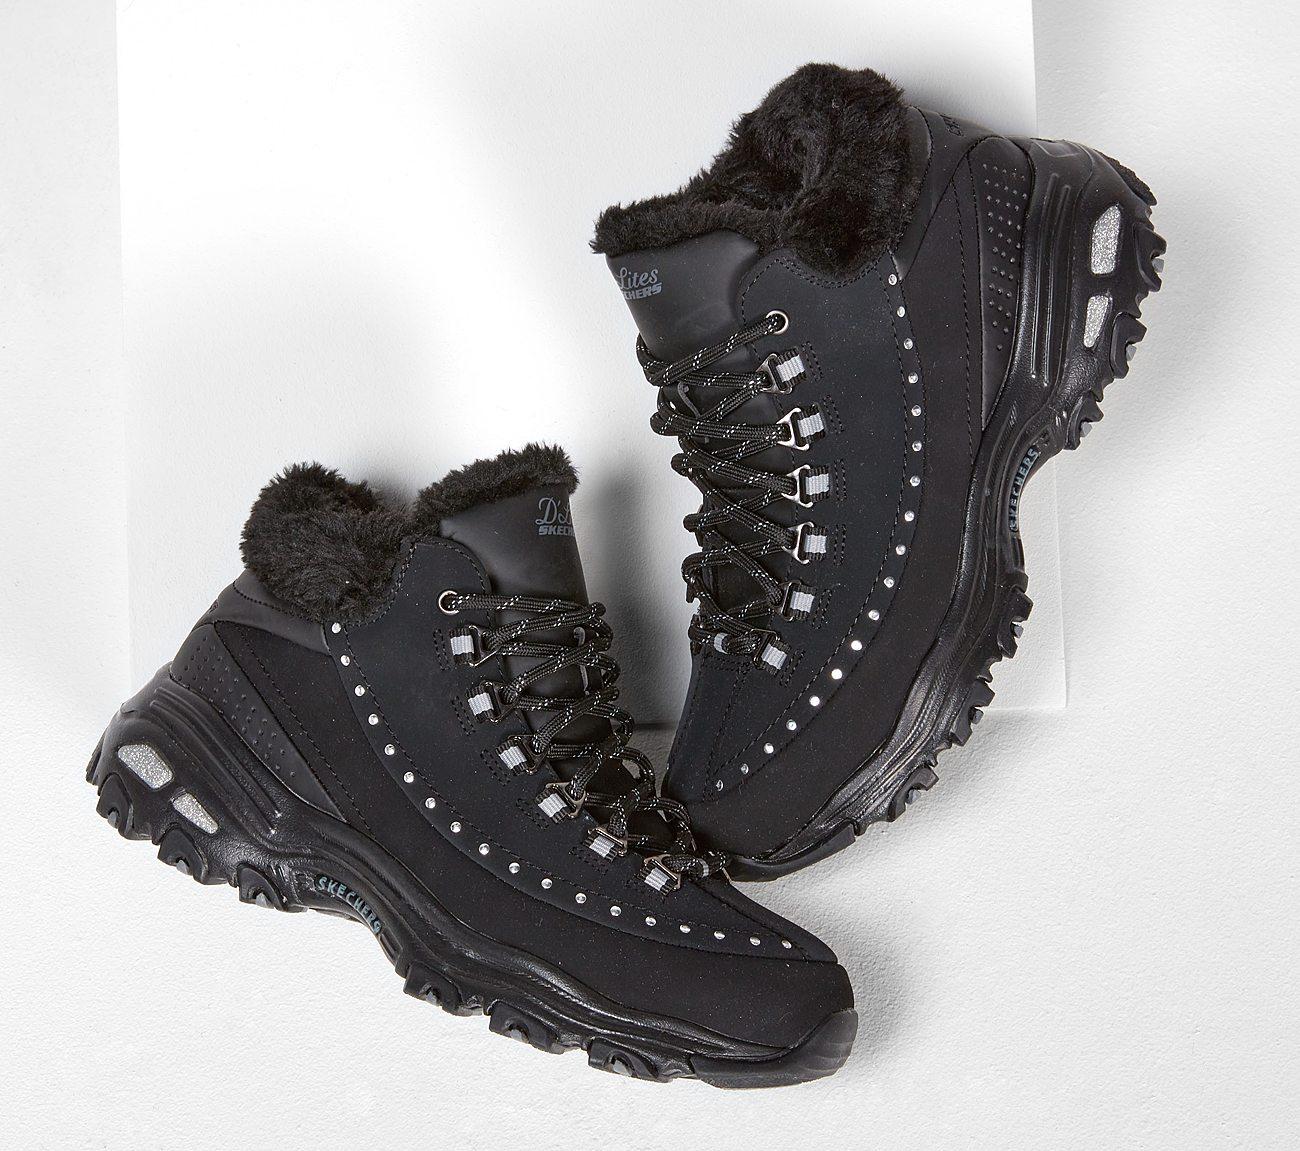 SKECHERS D'Lites - Gleeful D'Lites Shoes